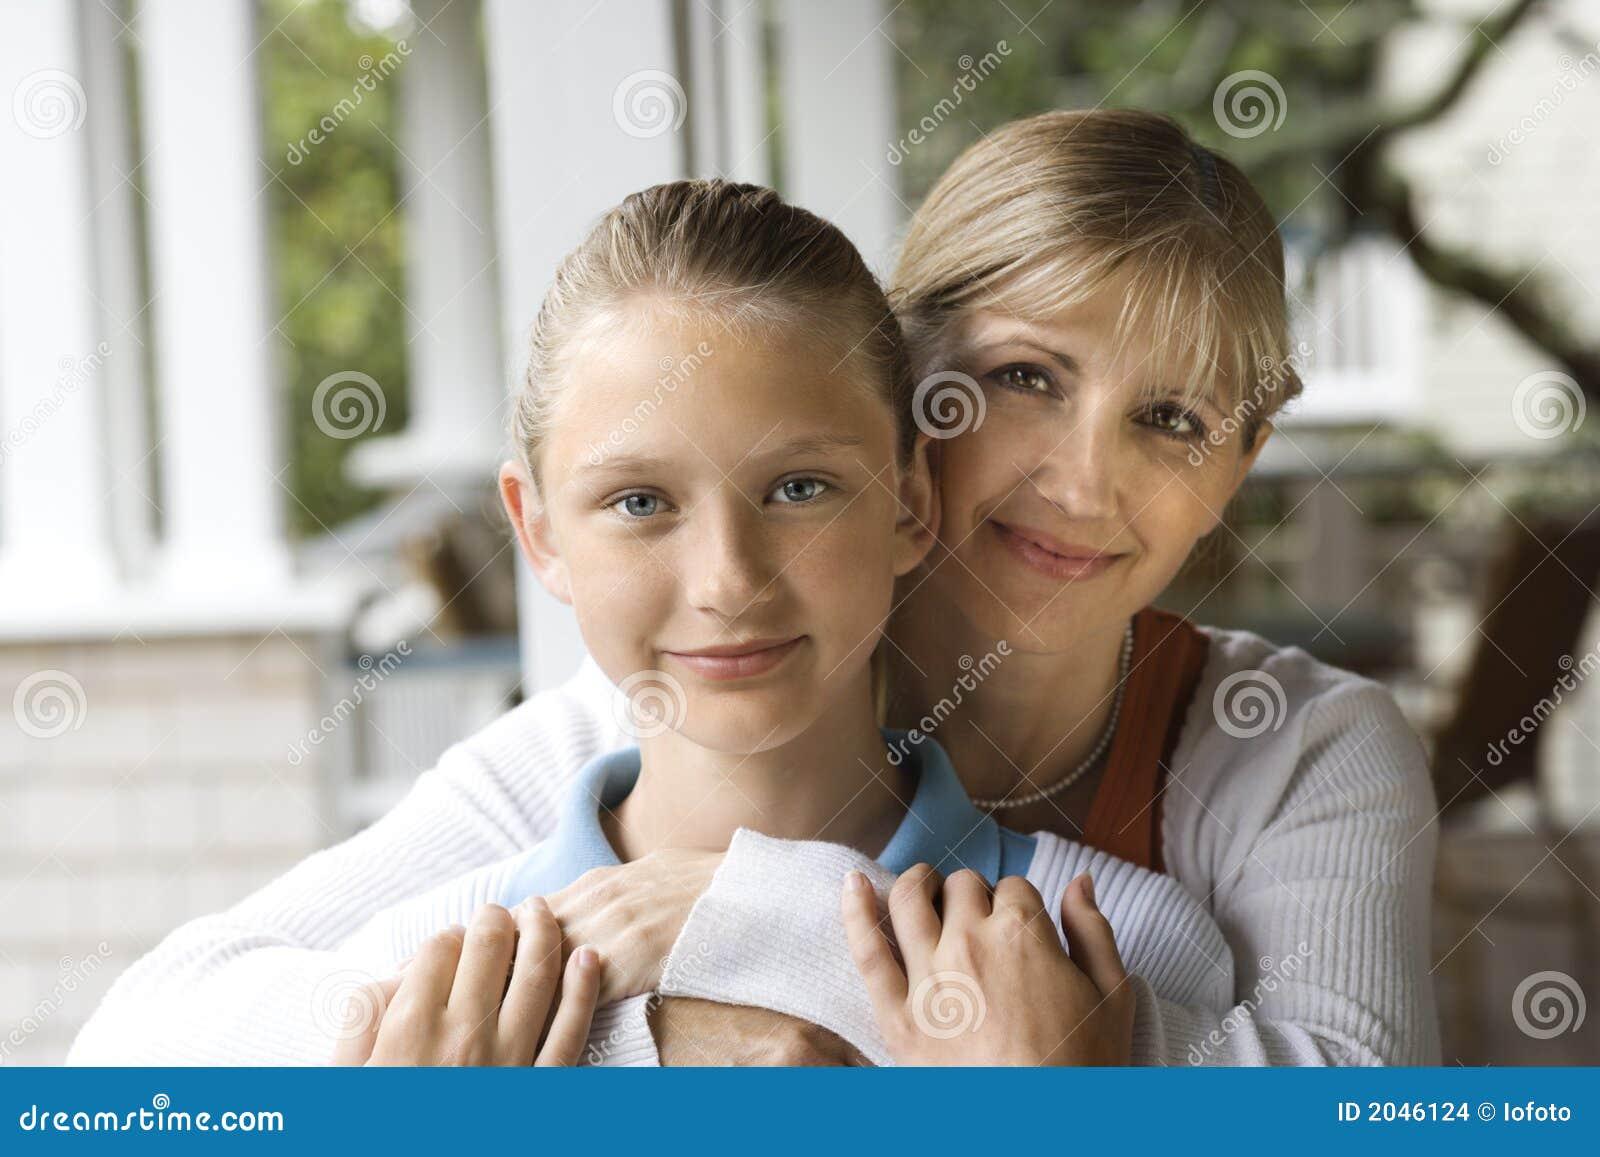 Трахнул свою дочь и мать, Секс с дочерью » Порно мамочки онлайн Full HD 22 фотография